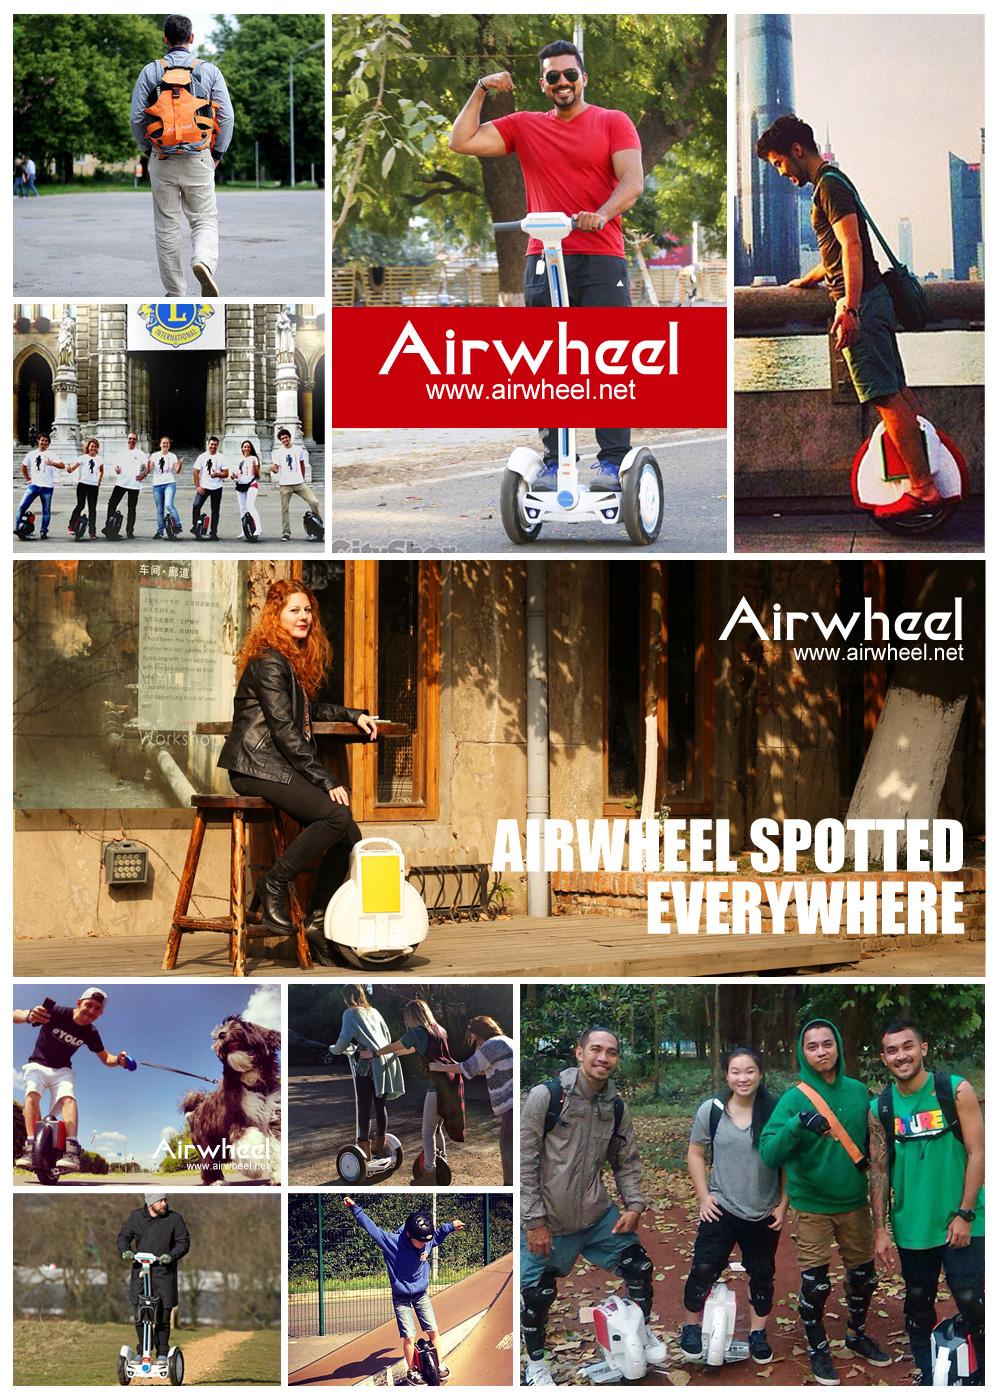 Integración de Noción y Espíritu, Airwheel Está Formando la Nueva Era del Equilibrio Scooter Eléctrico